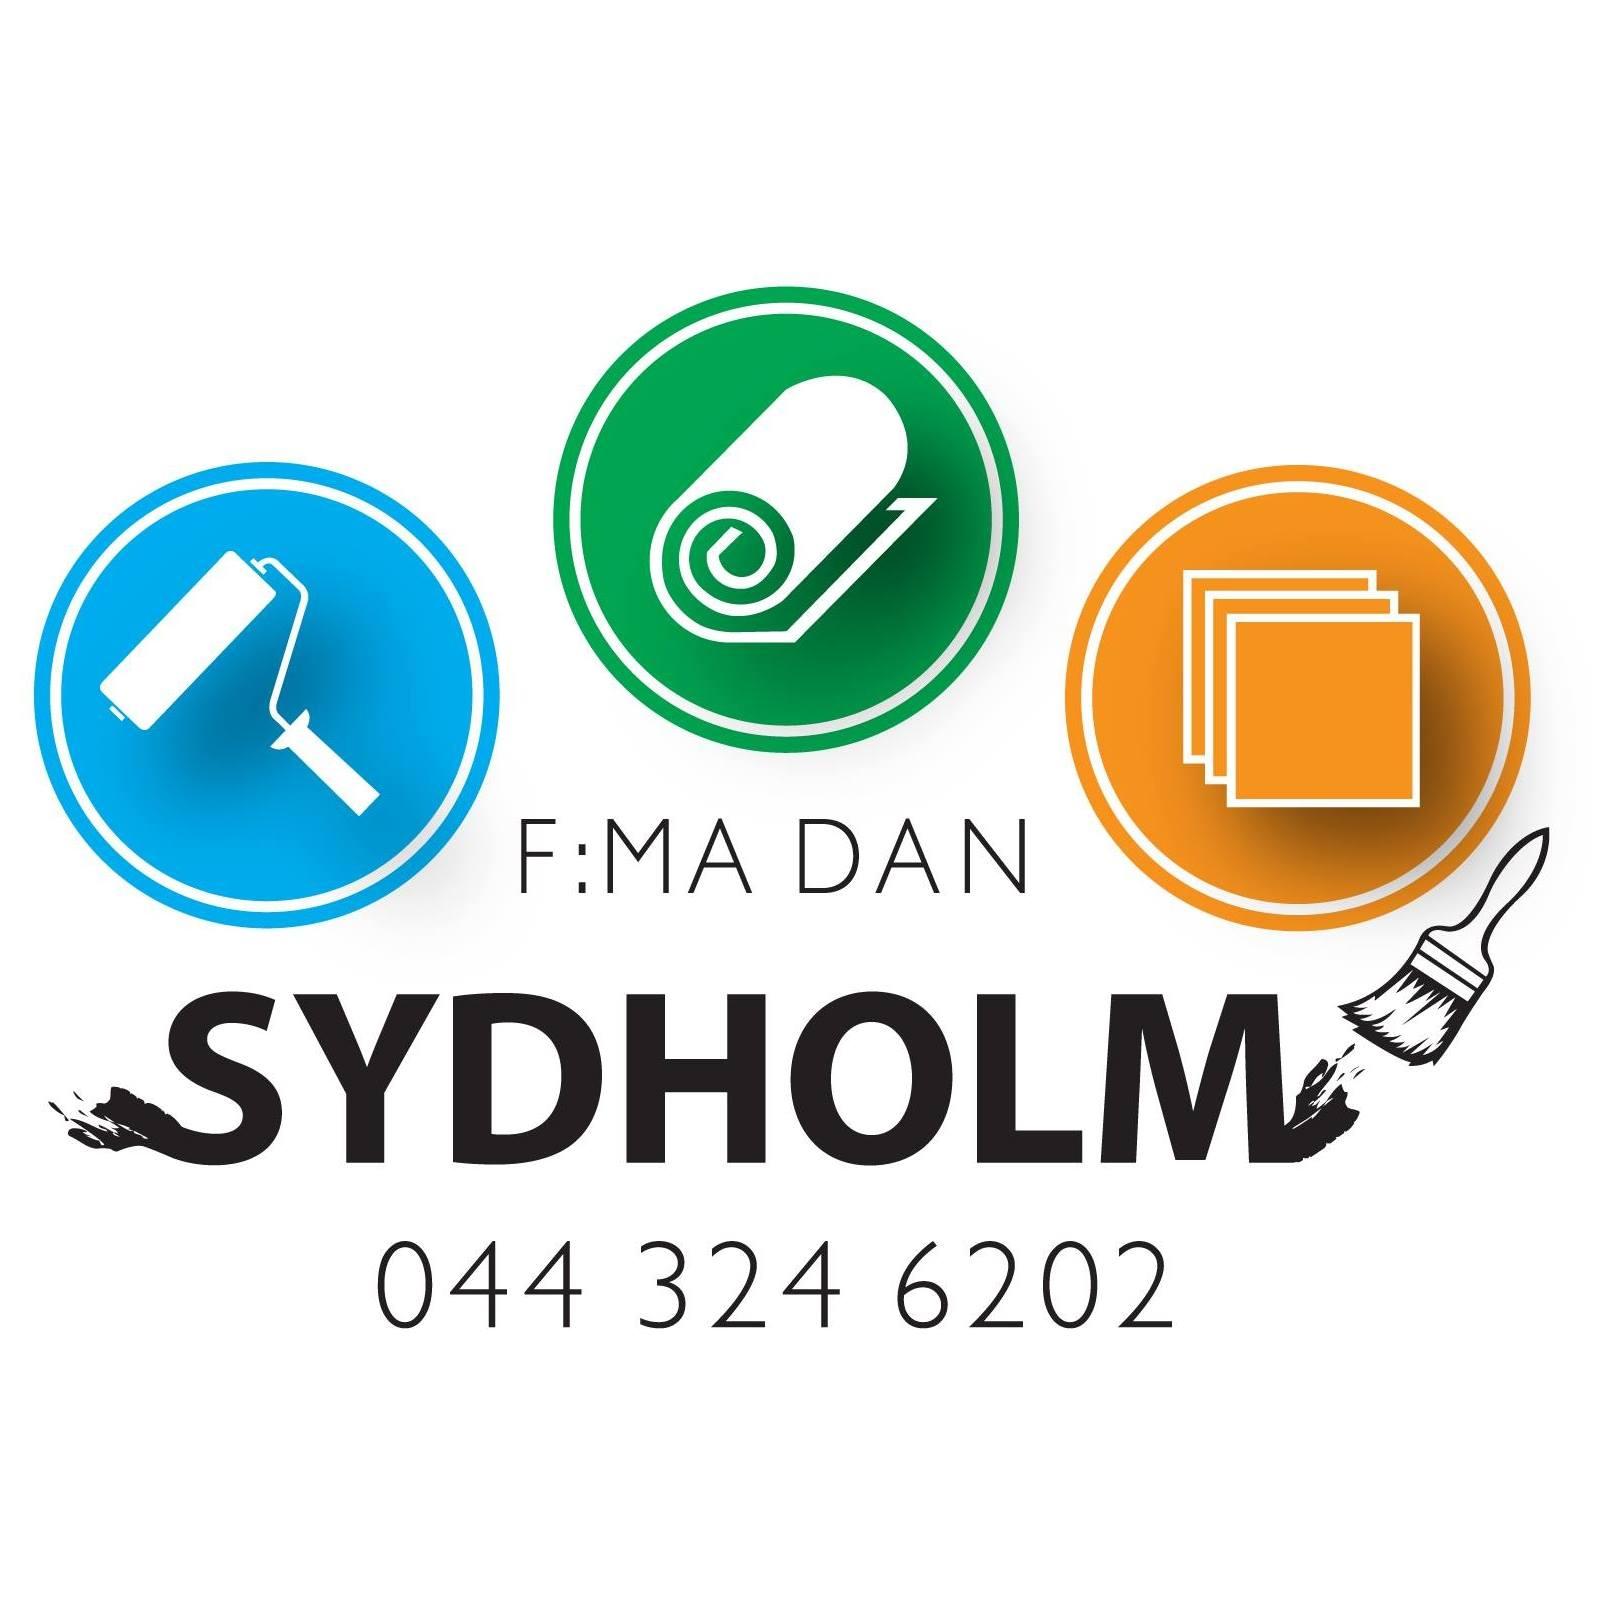 F:ma Dan Sydholm